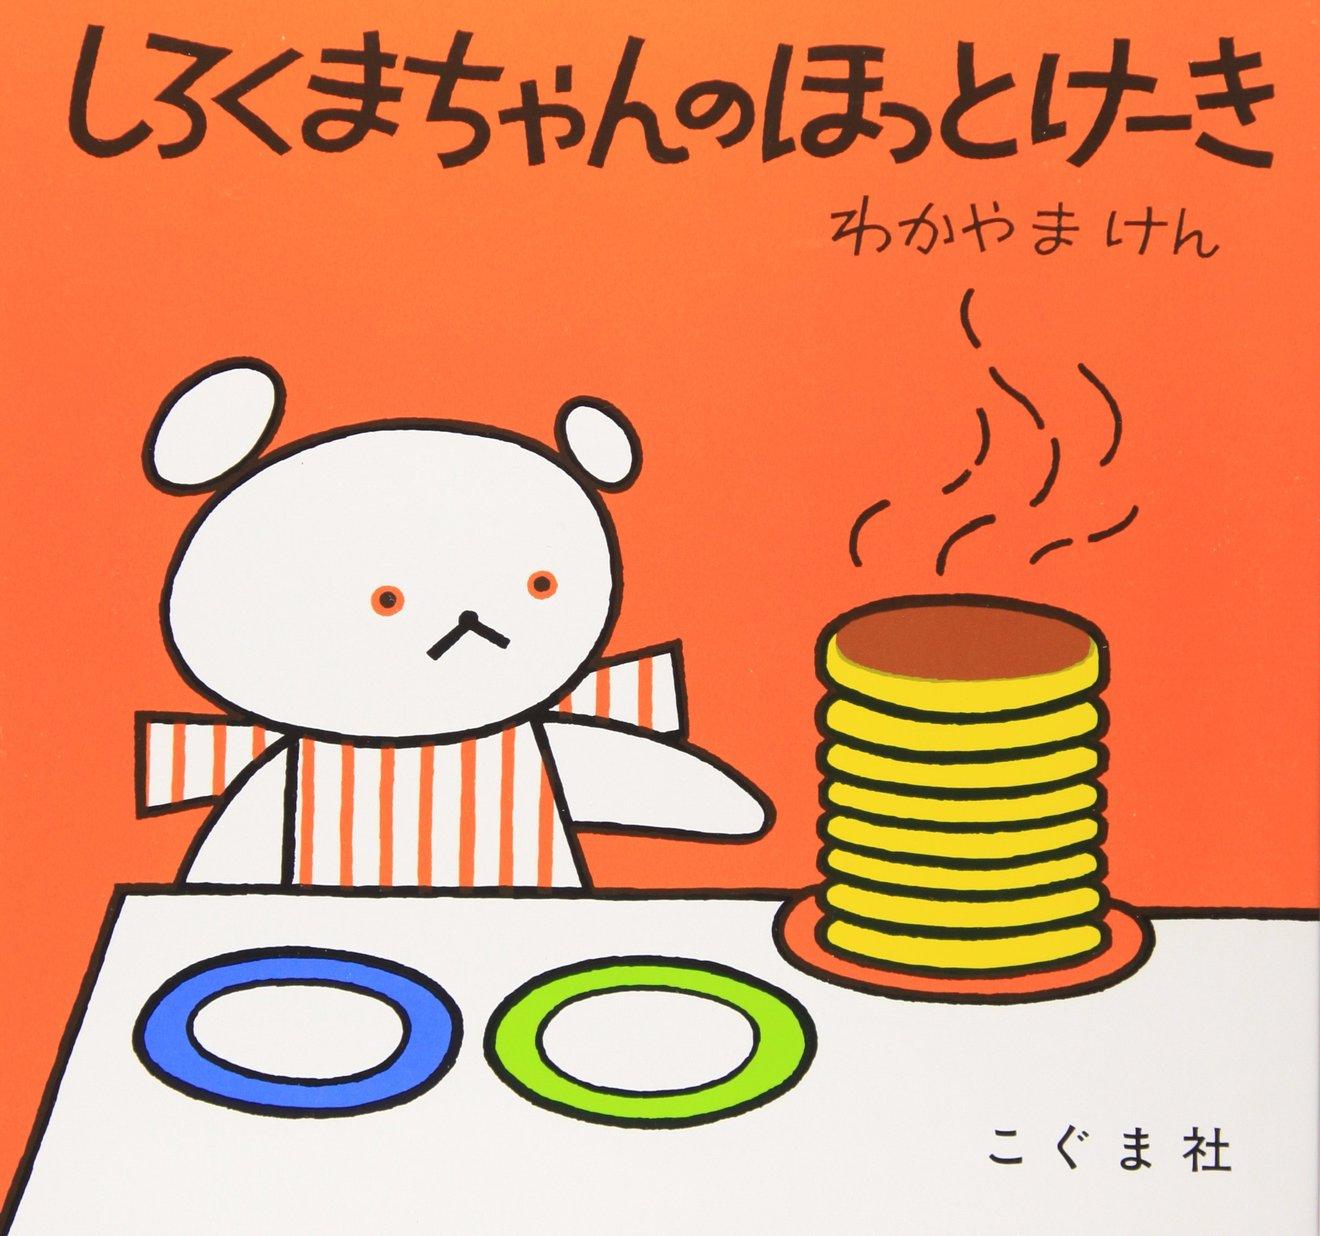 『しろくまちゃんのほっとけーき』は名作!シリーズおすすめ絵本5選